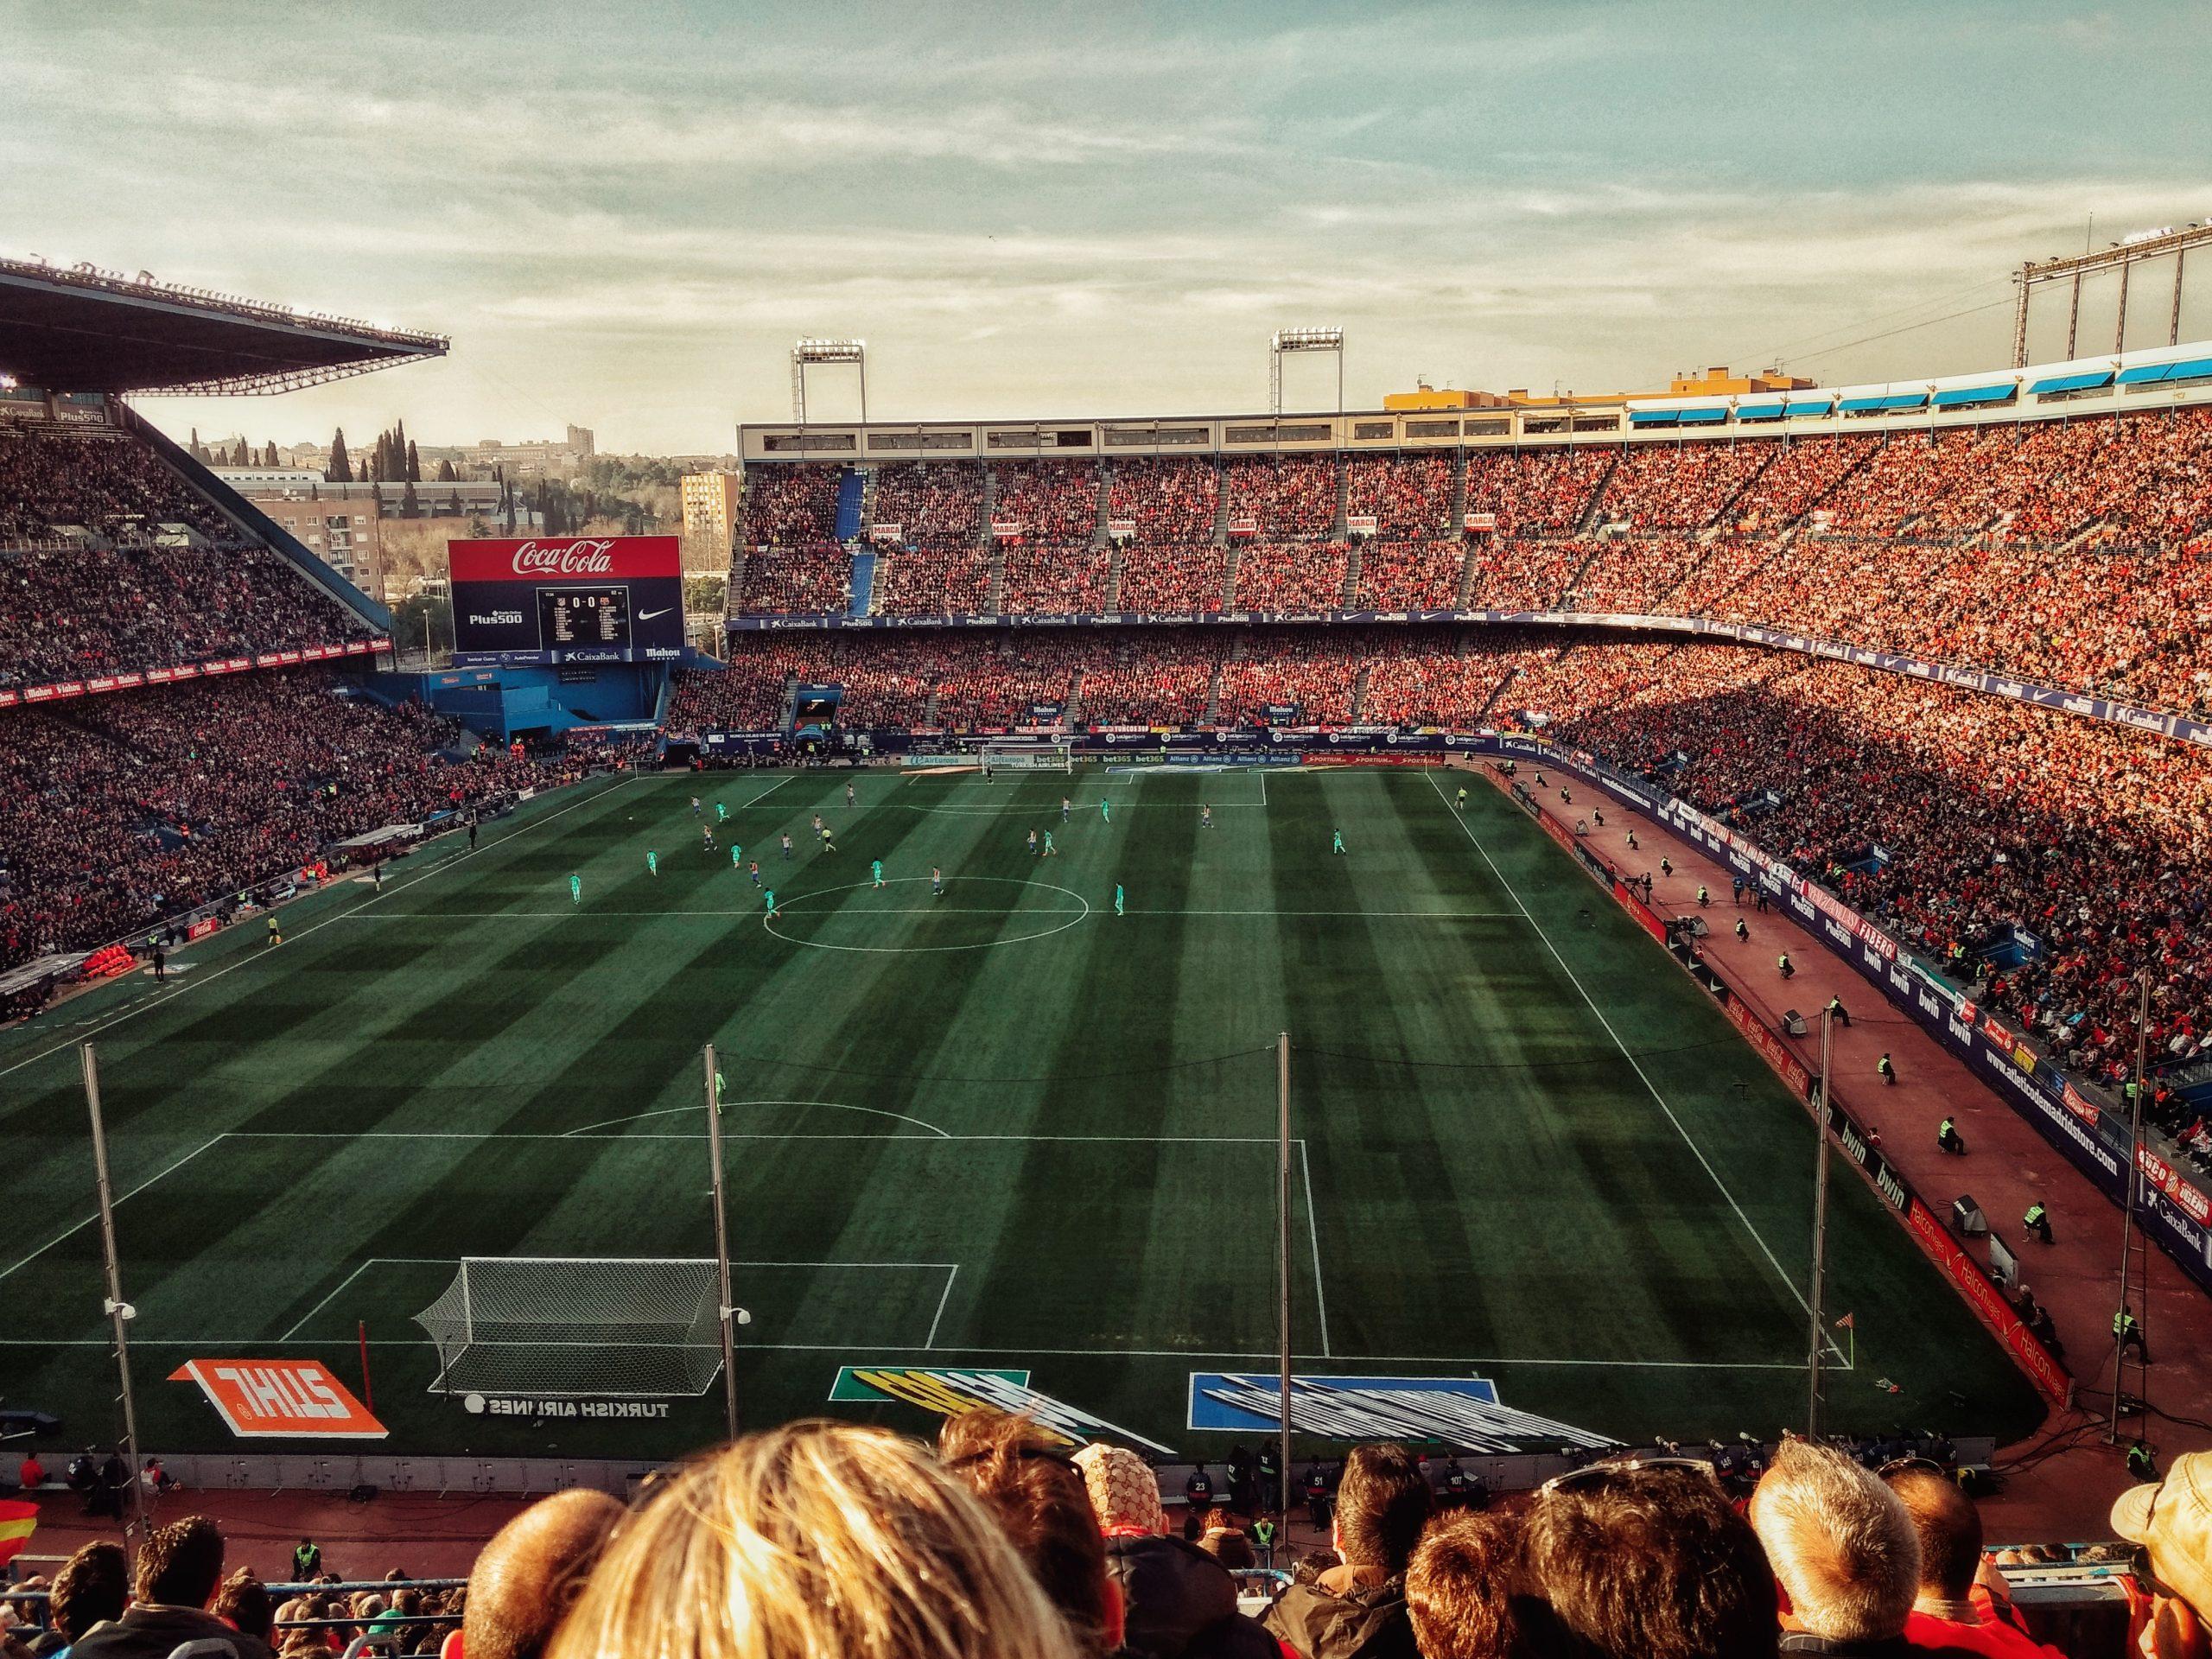 Cosa devi sapere sulle partite di calcio?